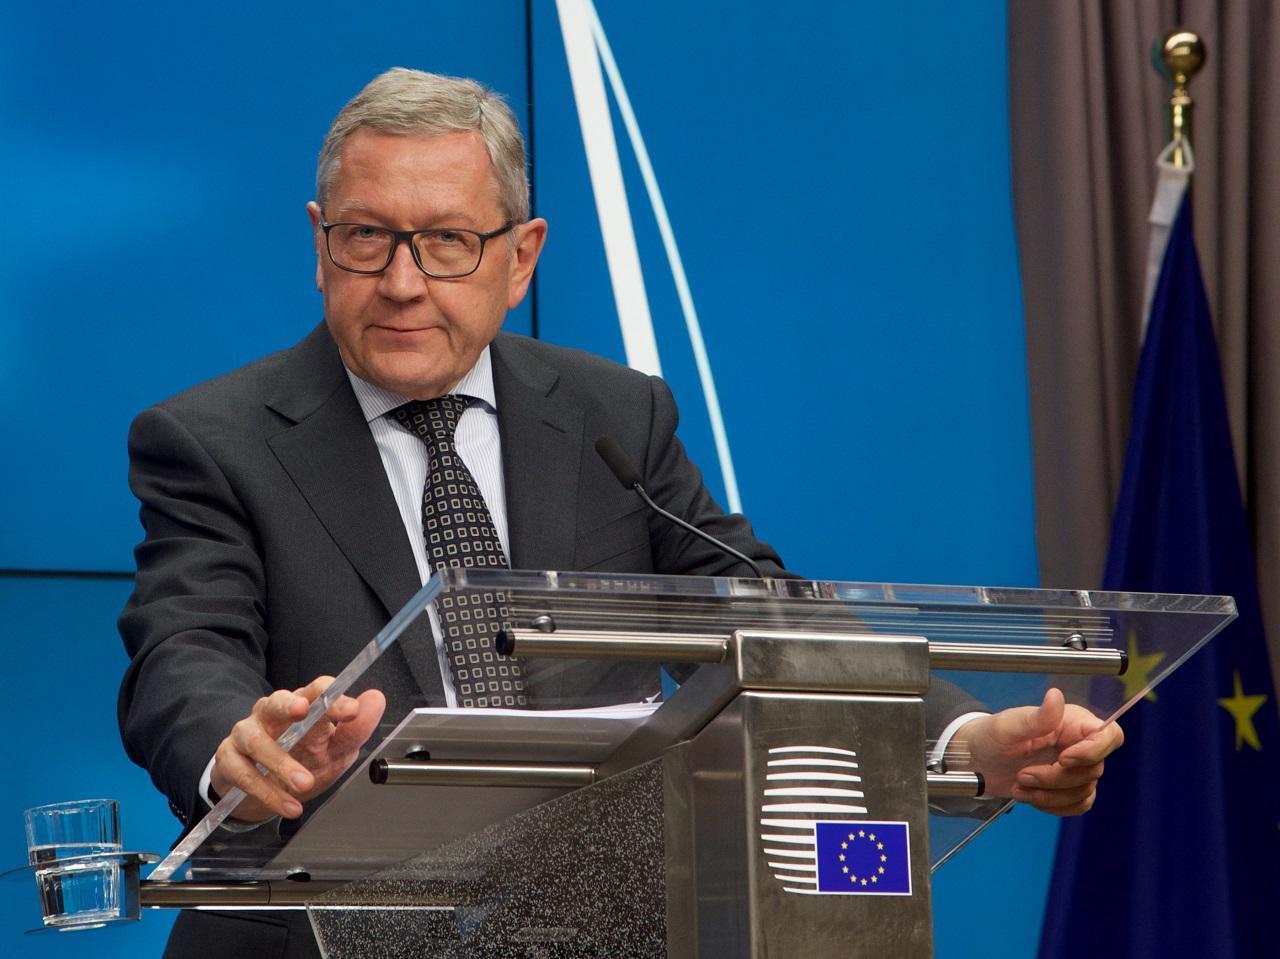 Κλάους Ρέγκλινγκ, επικεφαλής ESM